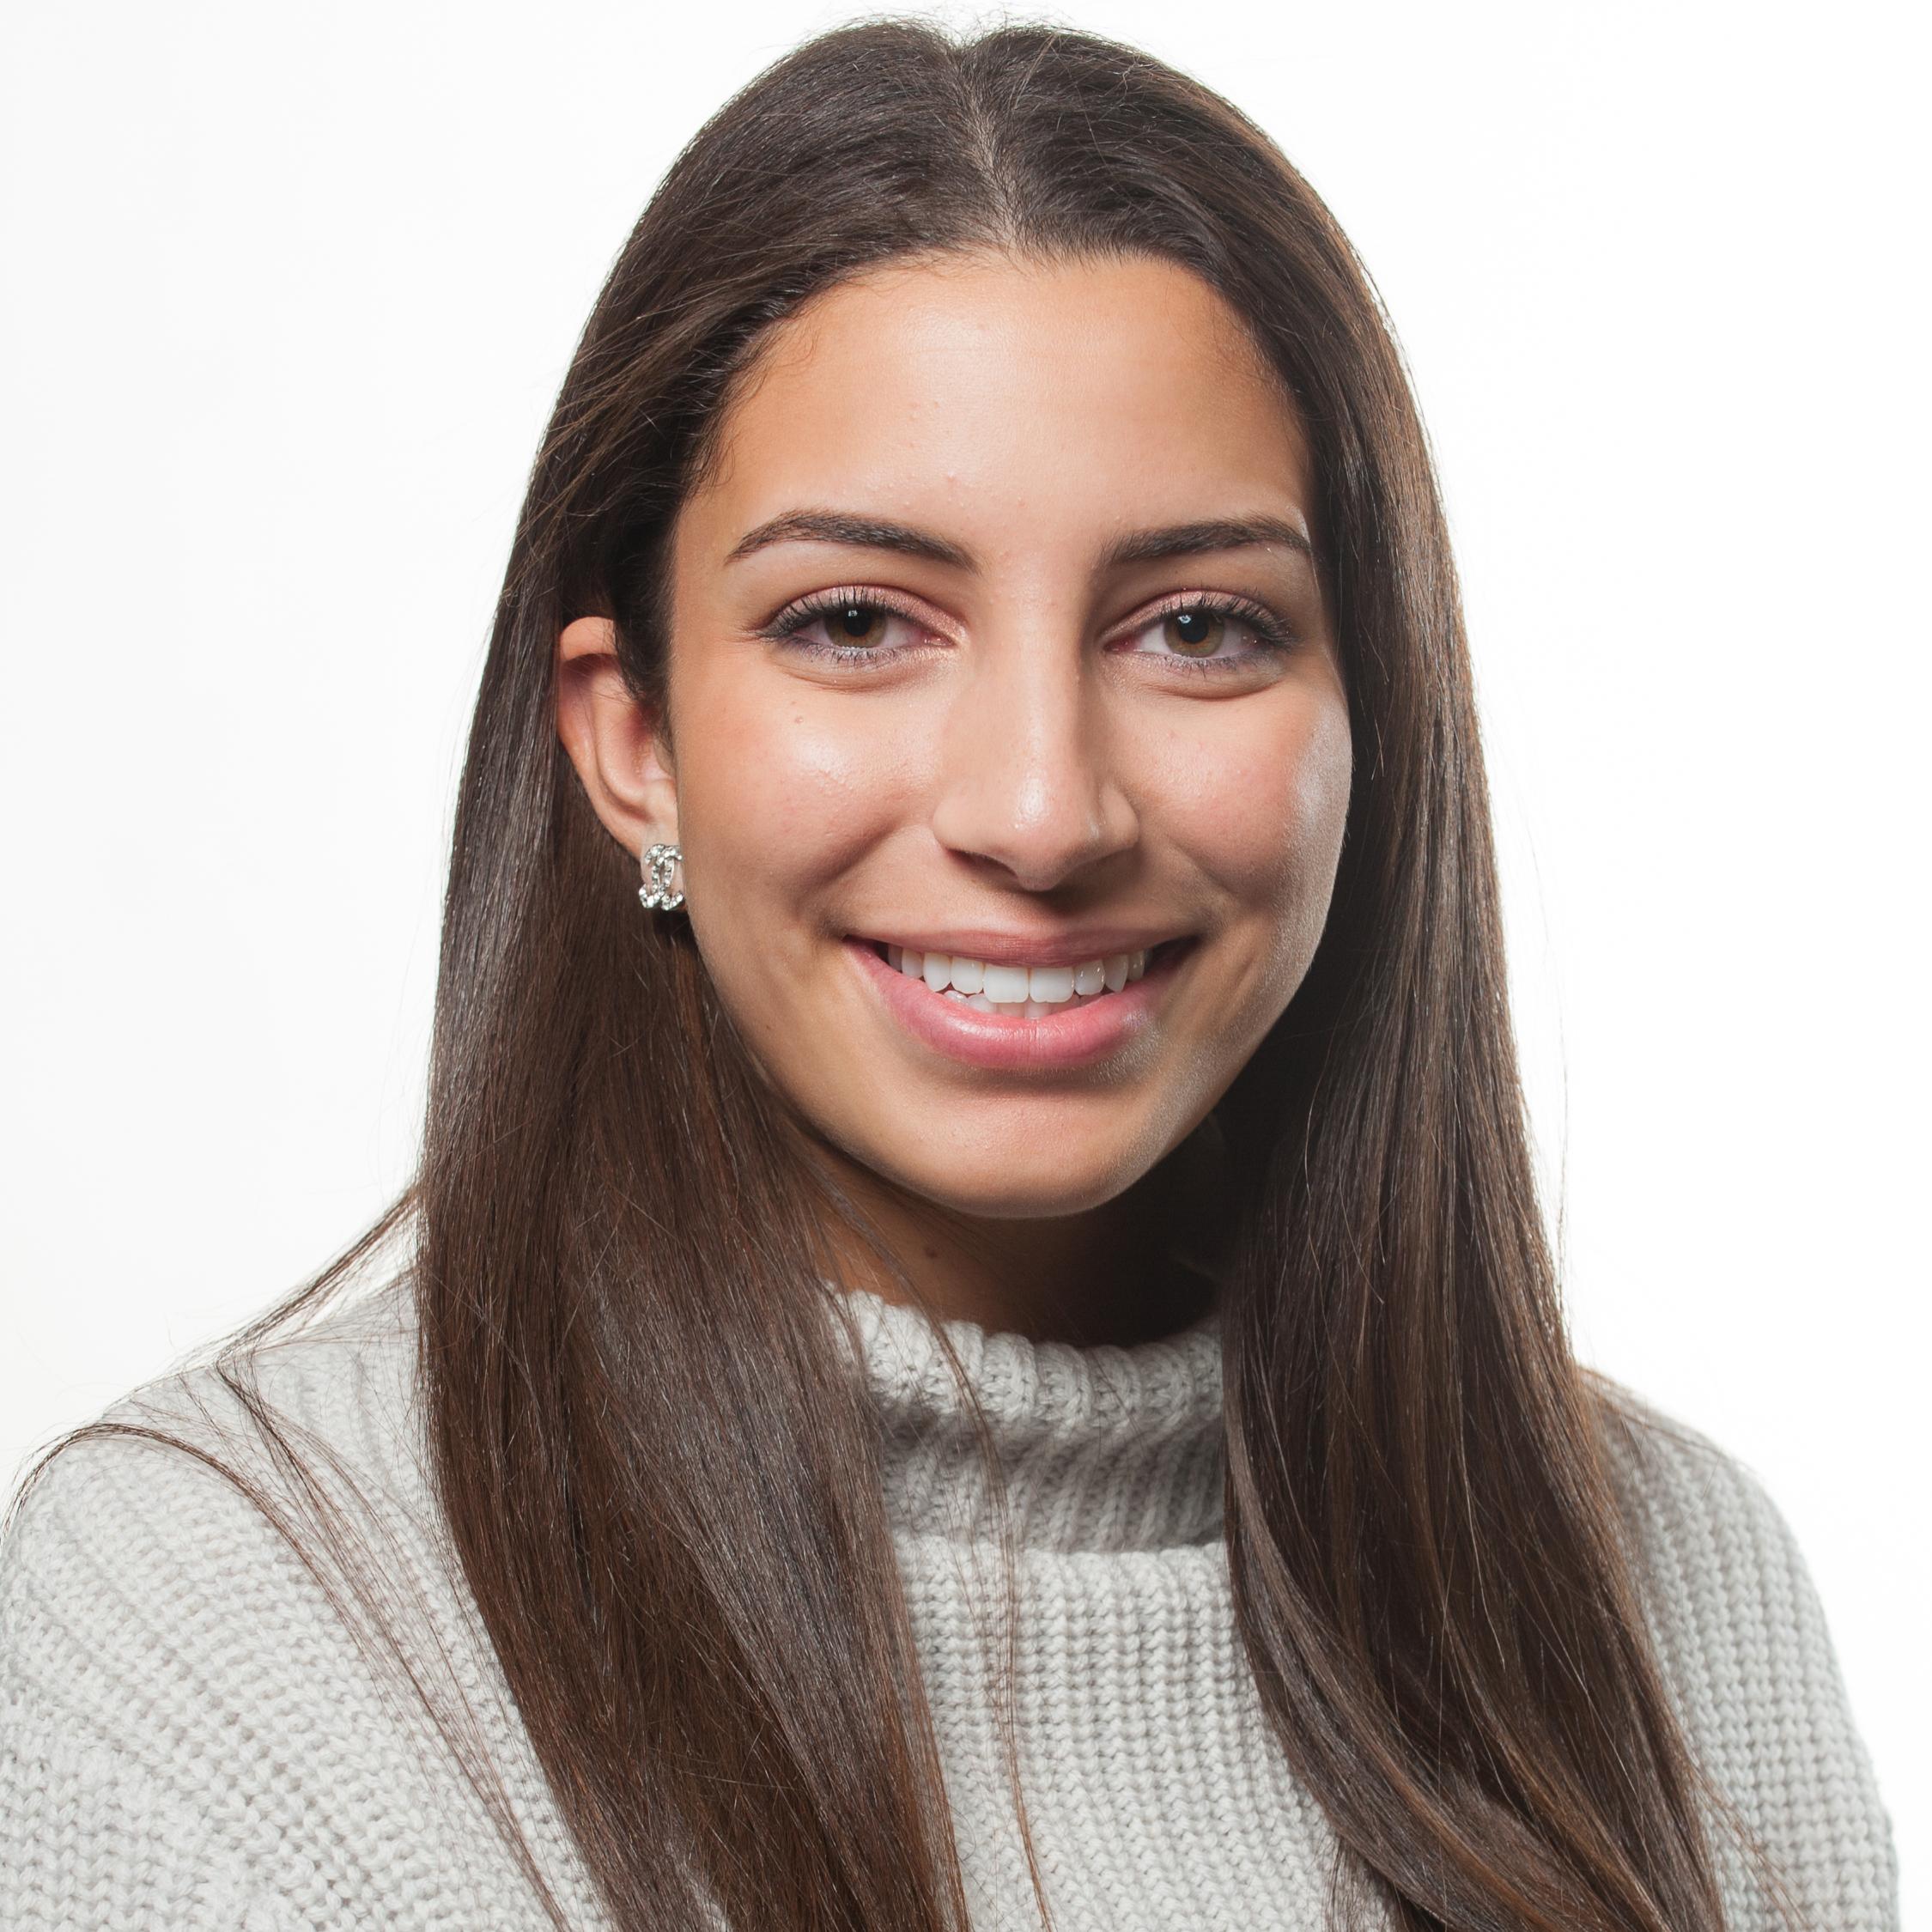 Rachel Kamel